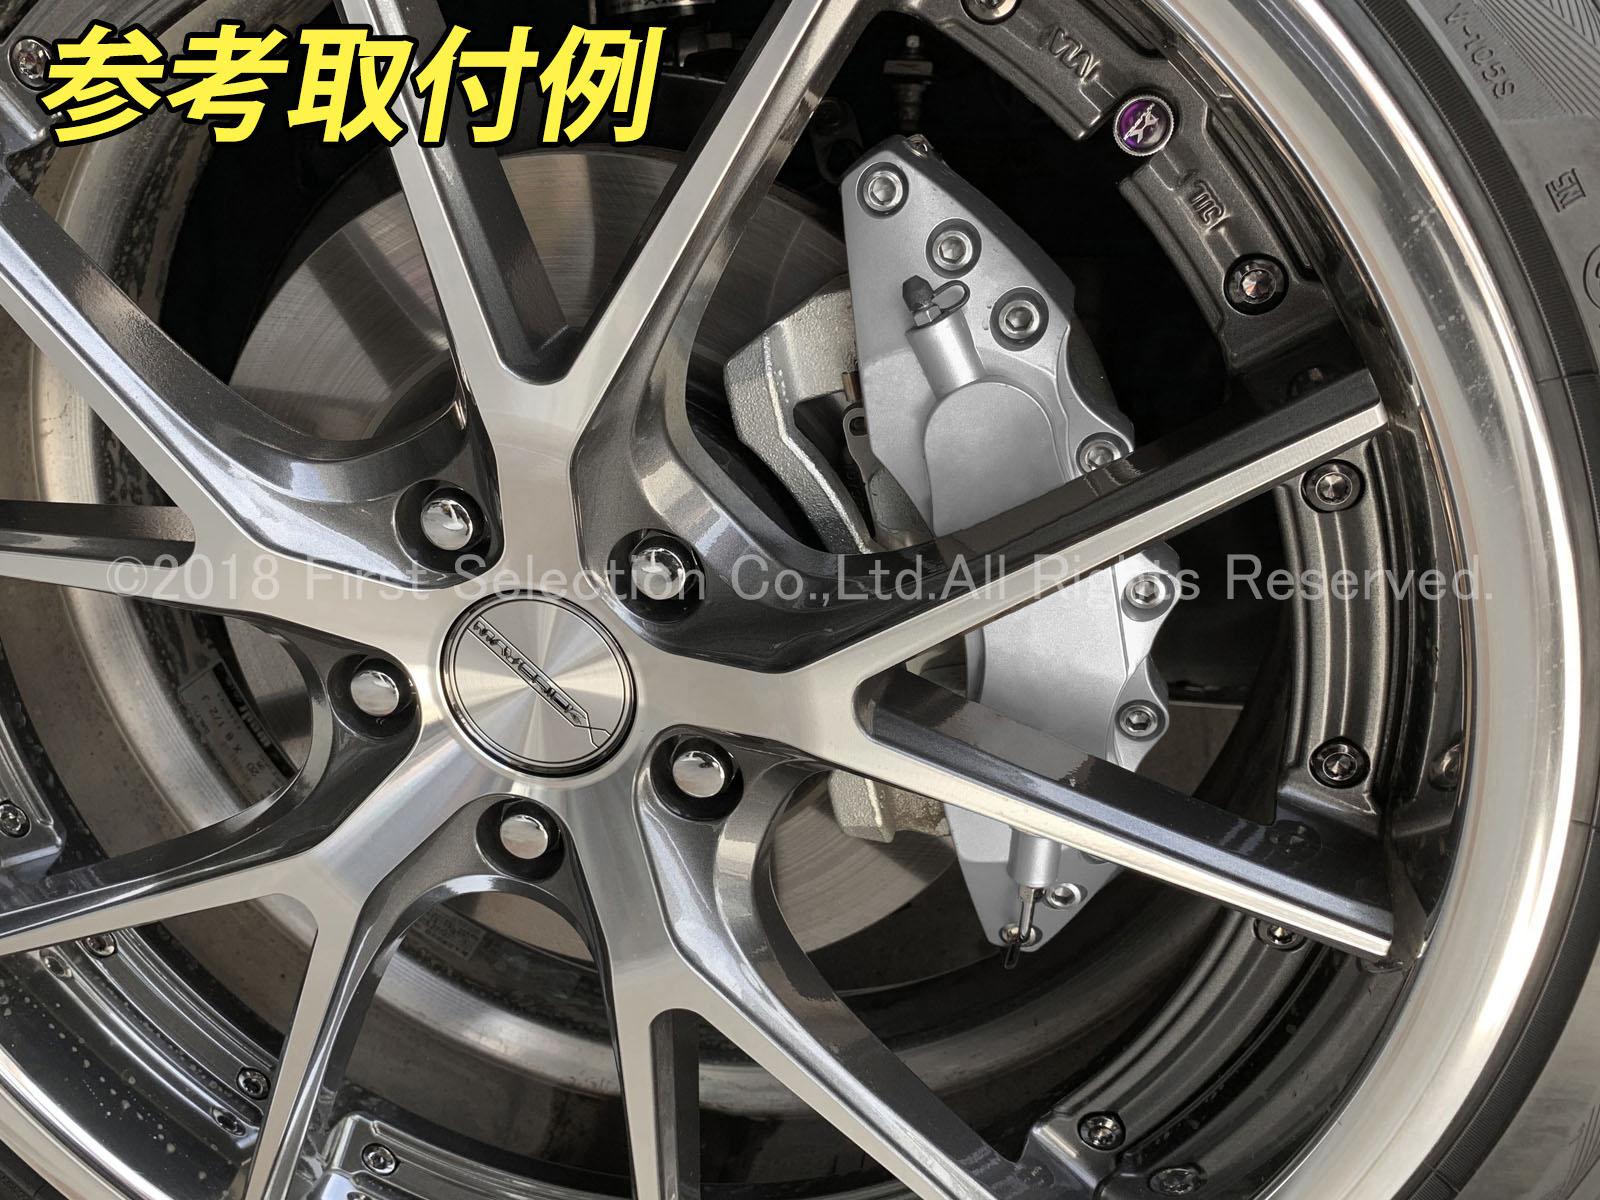 トヨタ車ヴォクシー VOXYロゴ黒文字 汎用高品質キャリパーカバー L/Mサイズセット 銀 シルバー